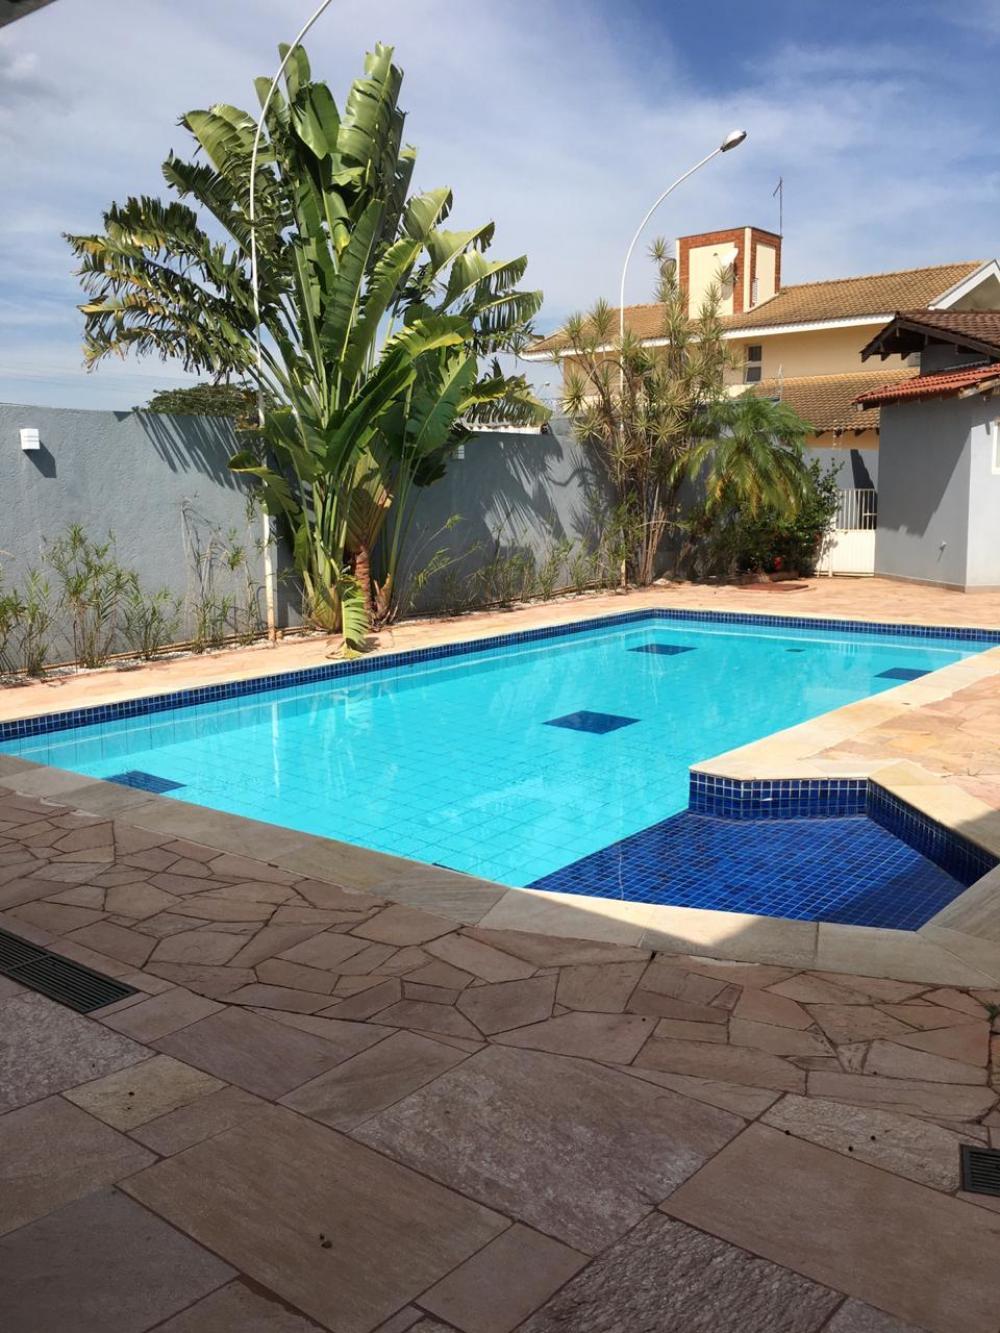 Alugar Casa / Padrão em São José do Rio Preto R$ 4.000,00 - Foto 1